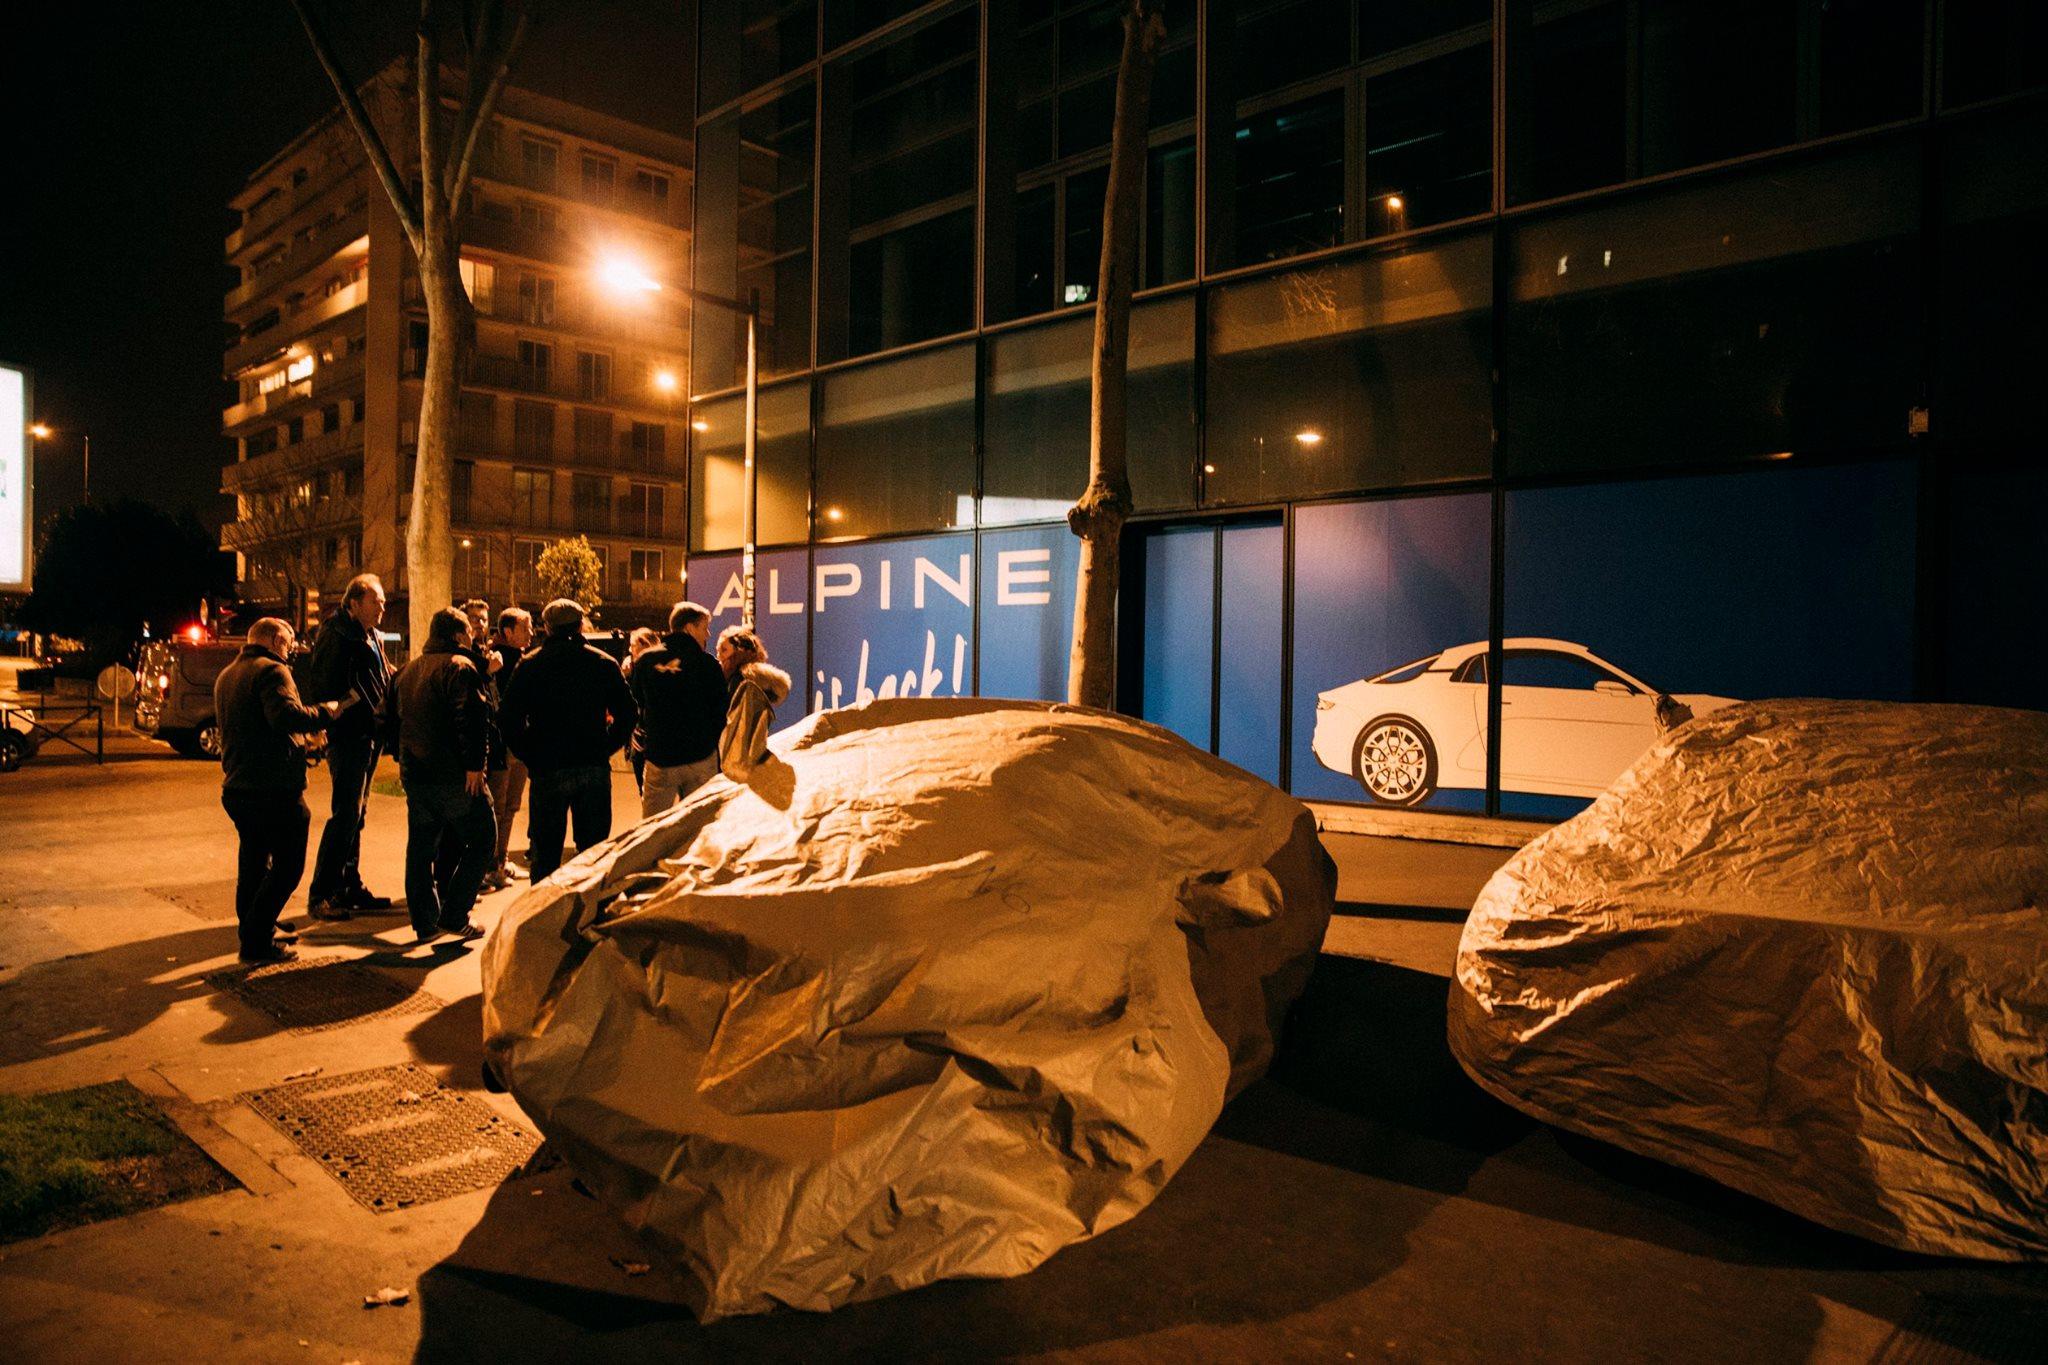 Prototype Alpine dans les rues de Paris - Studio Alpine Boulogne-Billancourt - 020